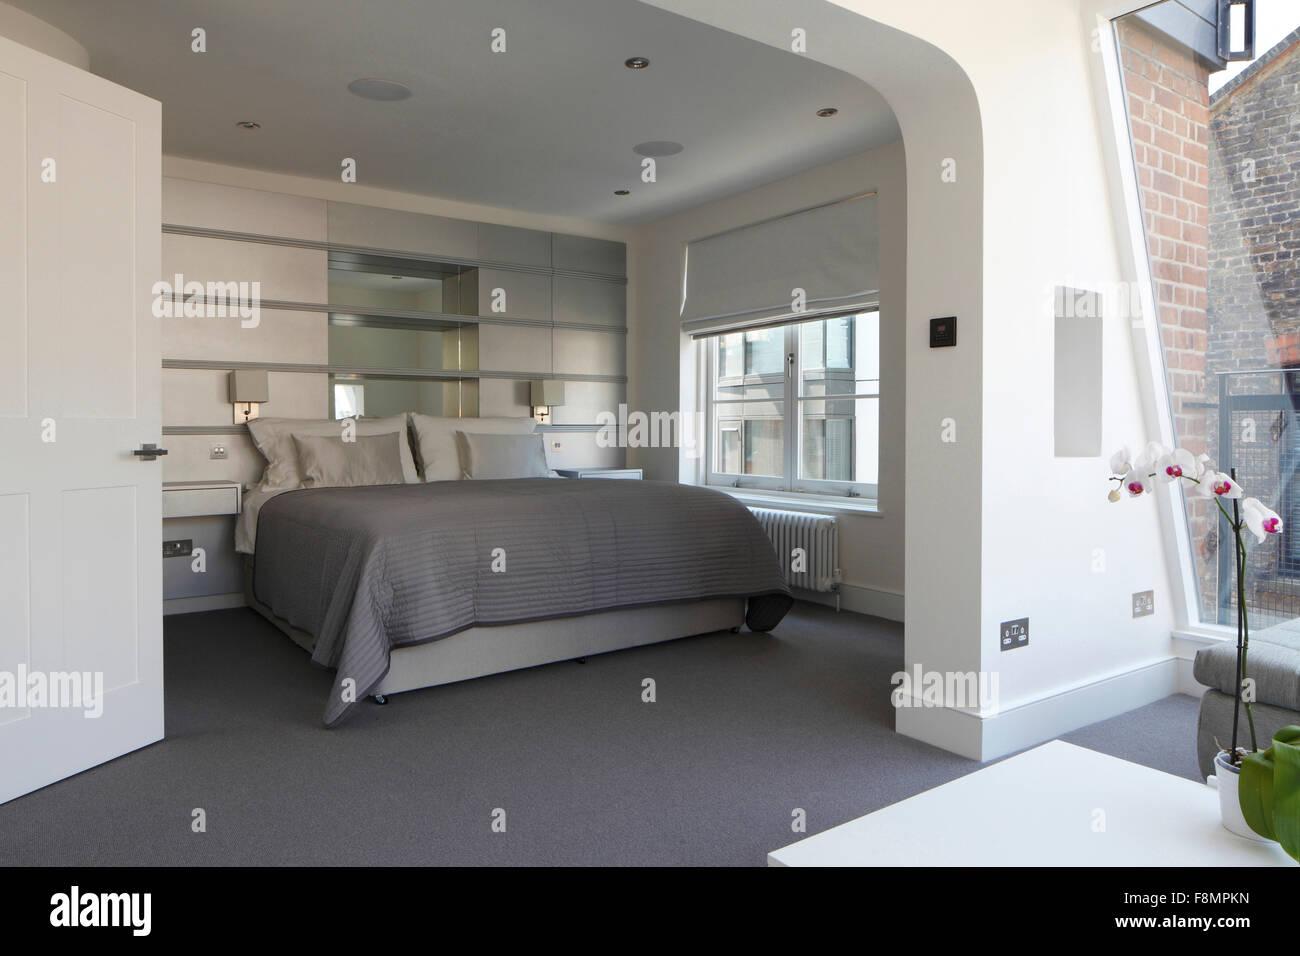 Camera Da Letto Colore Argento : Ripresa a tutto campo della camera da letto con colore grigio